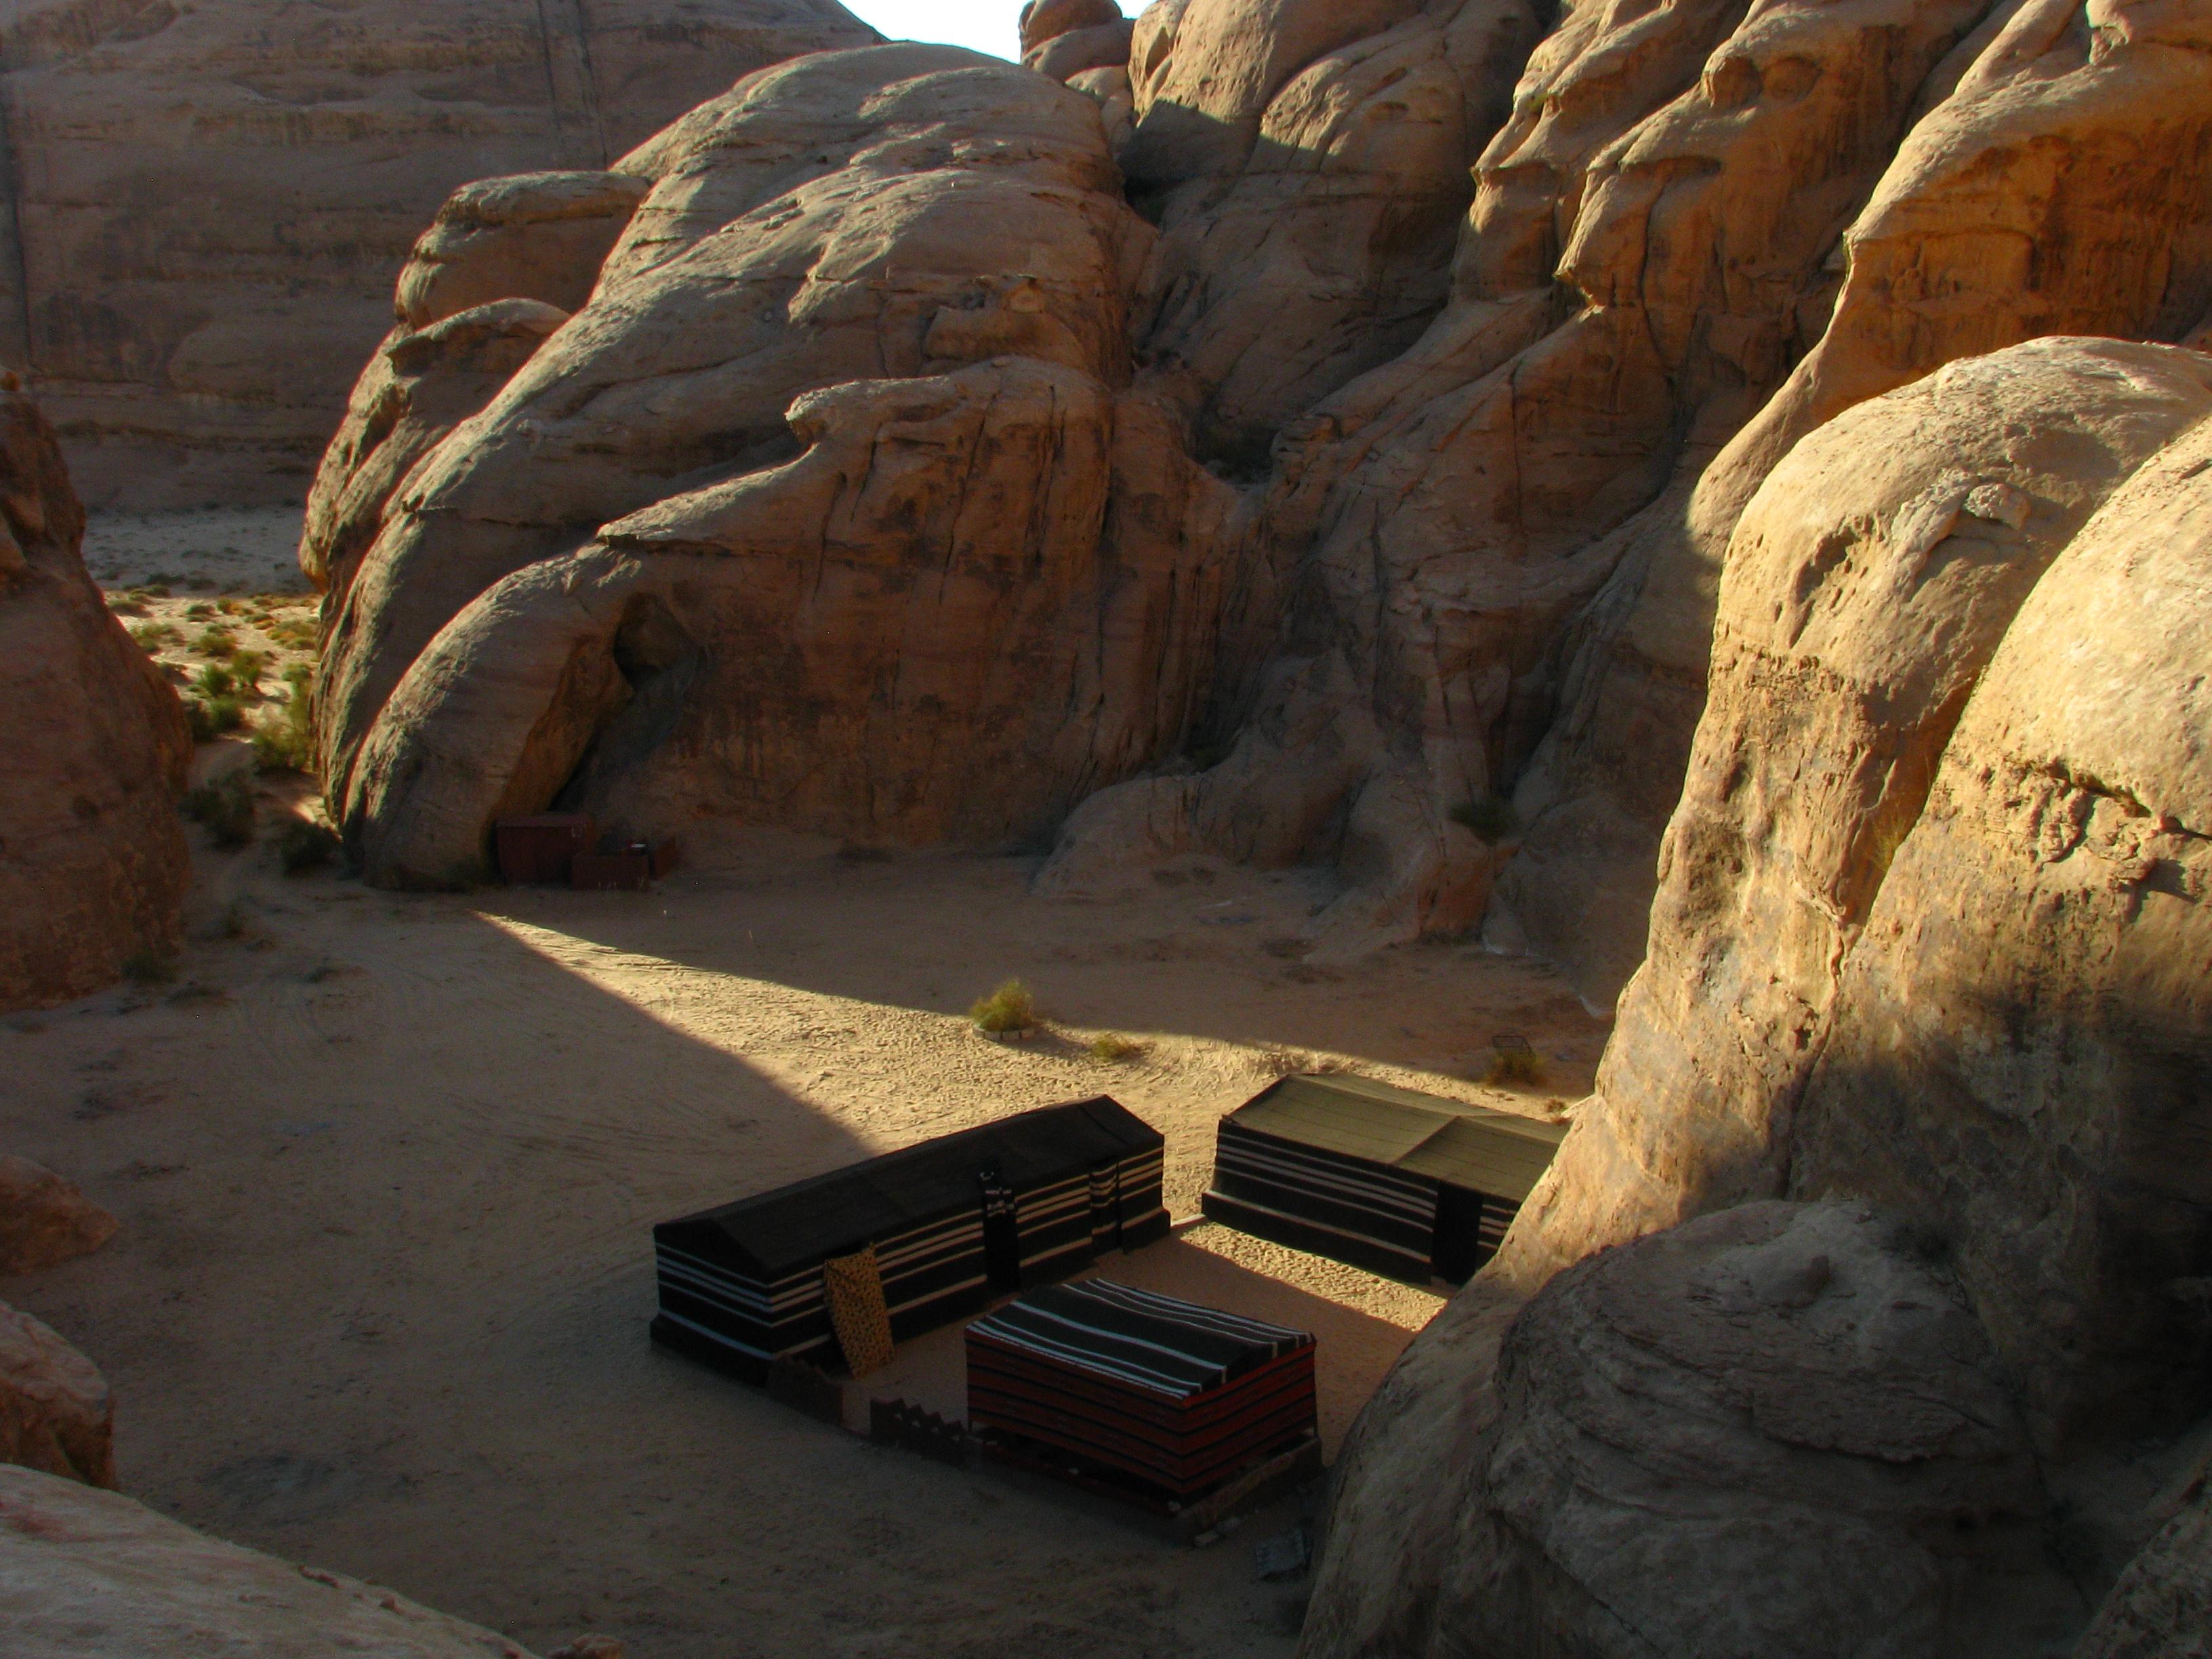 Bedouin Directions